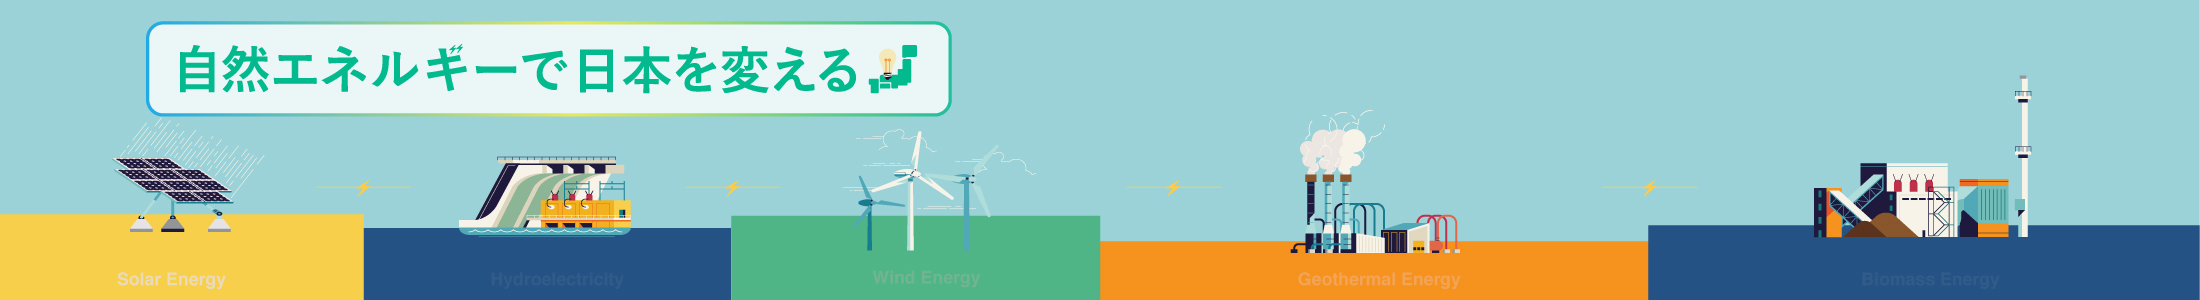 自然エネルギーで日本を変える シリーズサムネイル